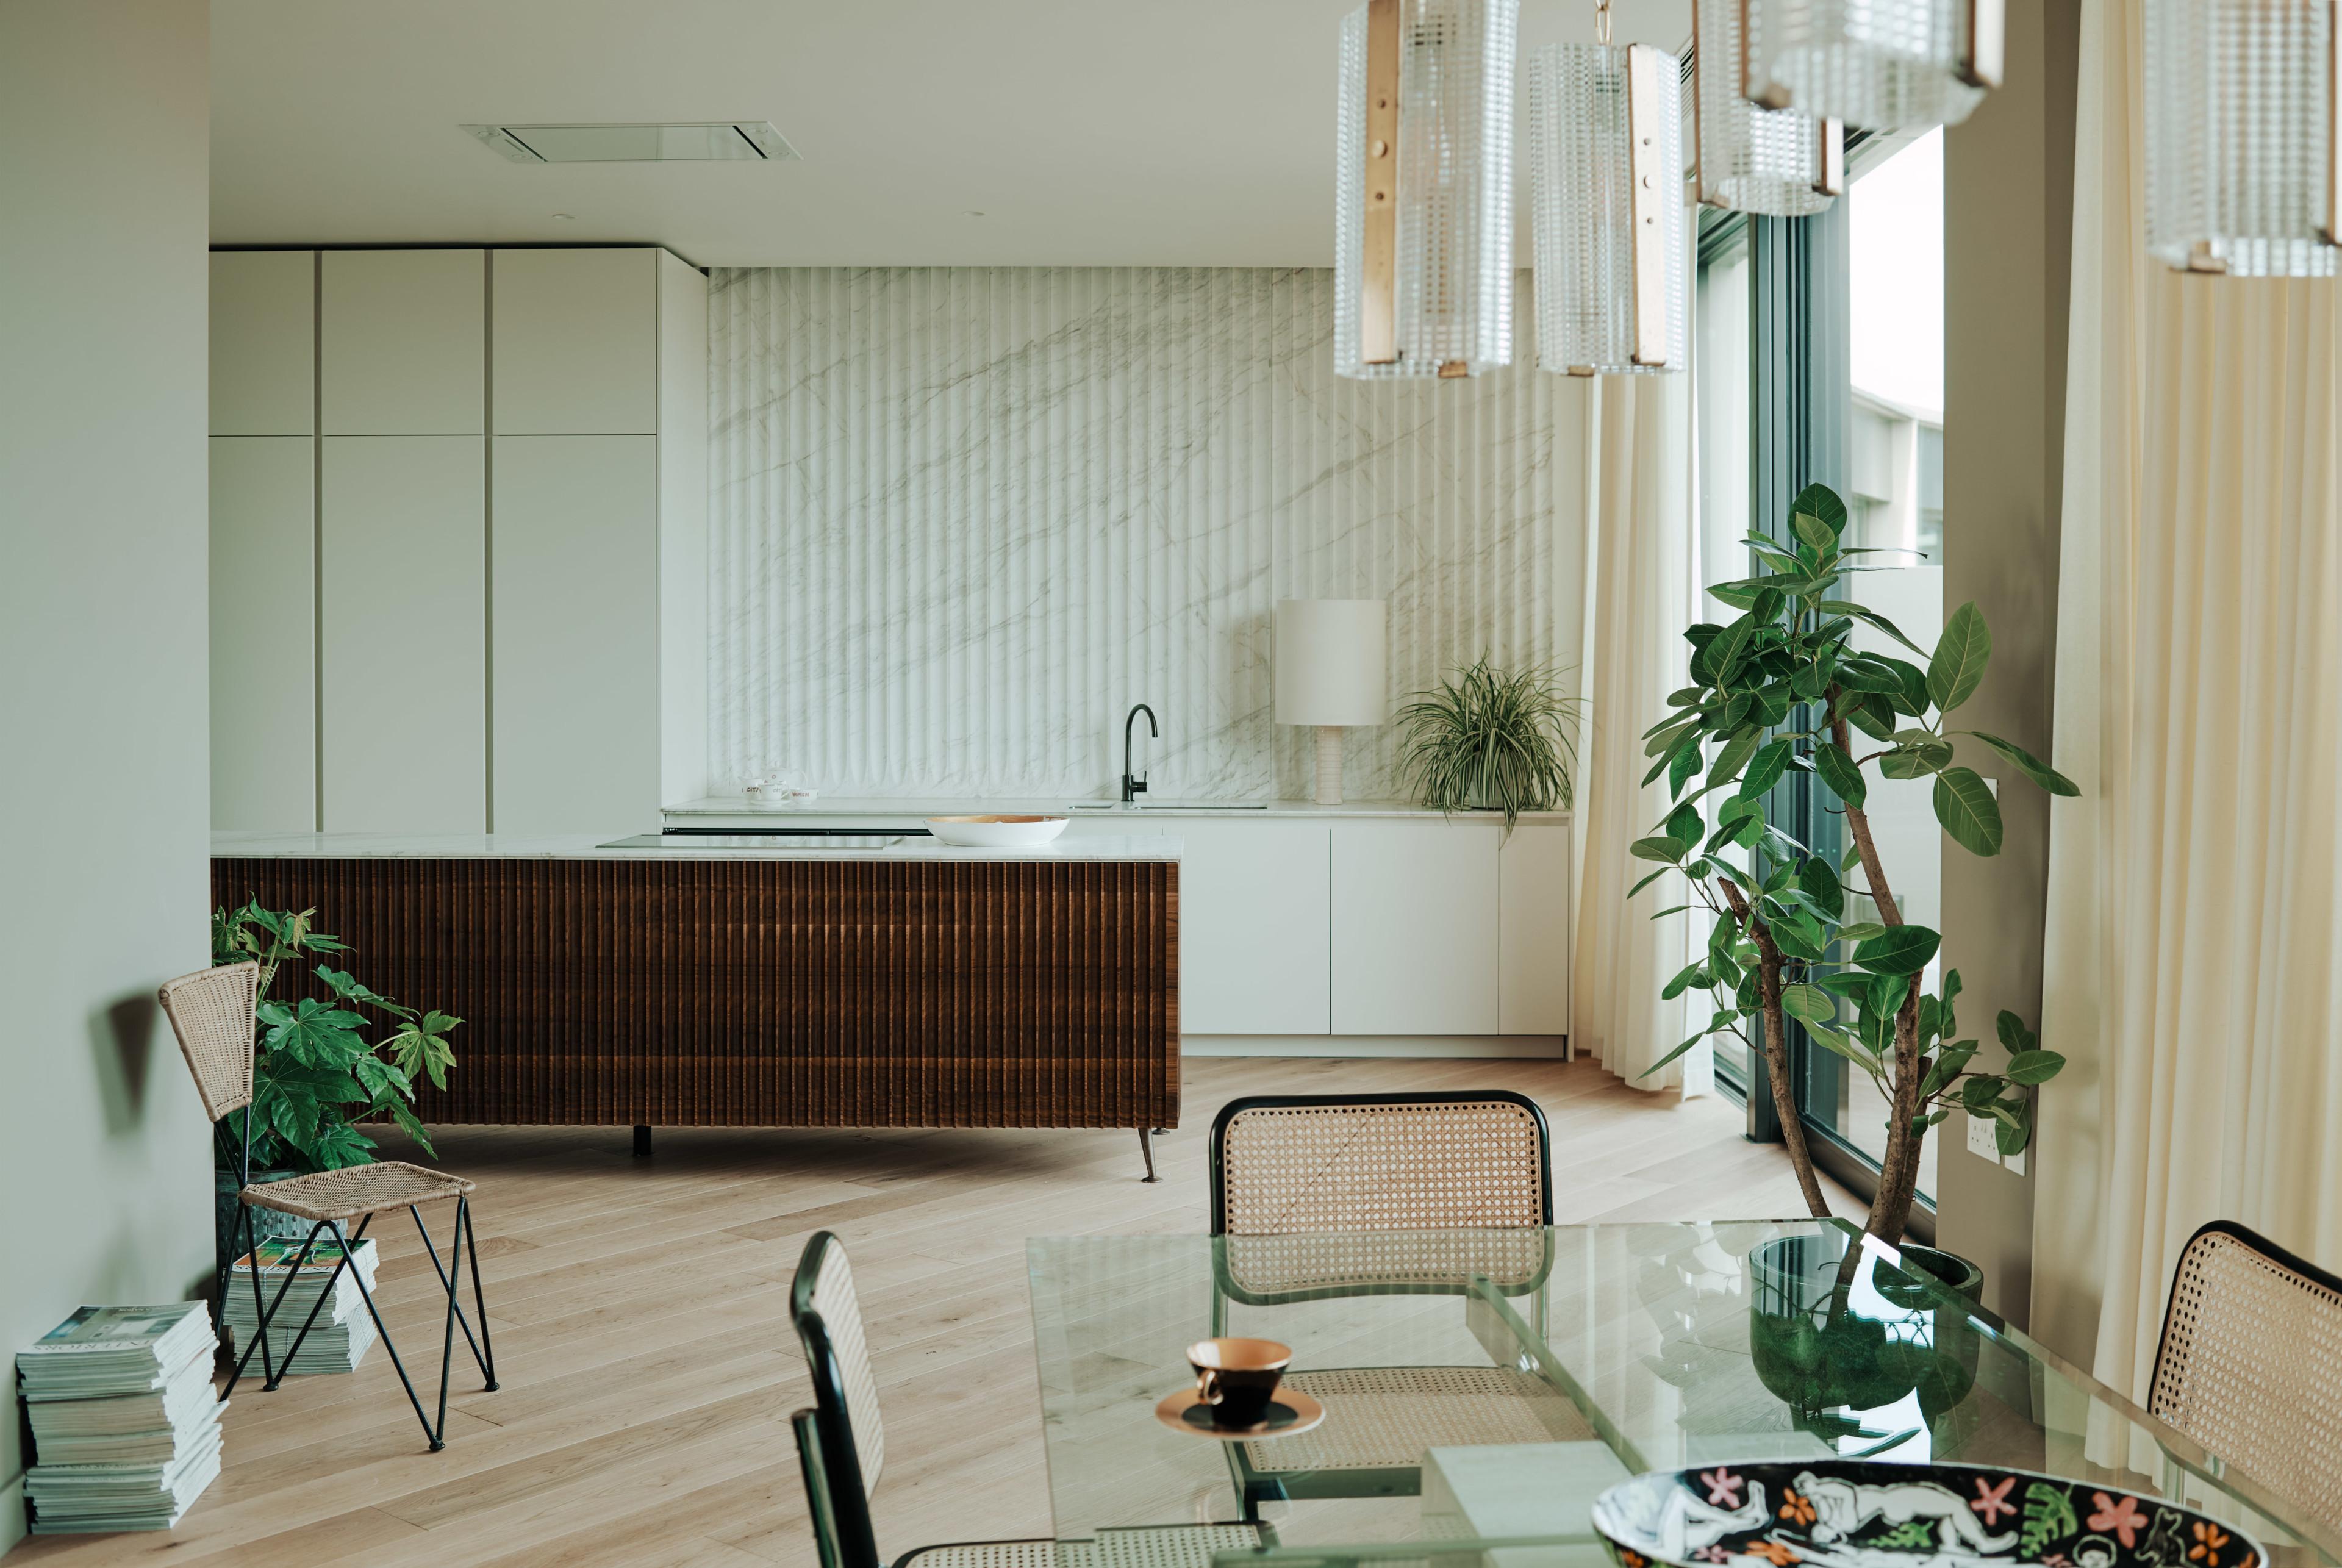 Bella Freud Apartment -Kitchen-Retrouvius-Televison-centre-006-Web (18)-© Michael Sinclair